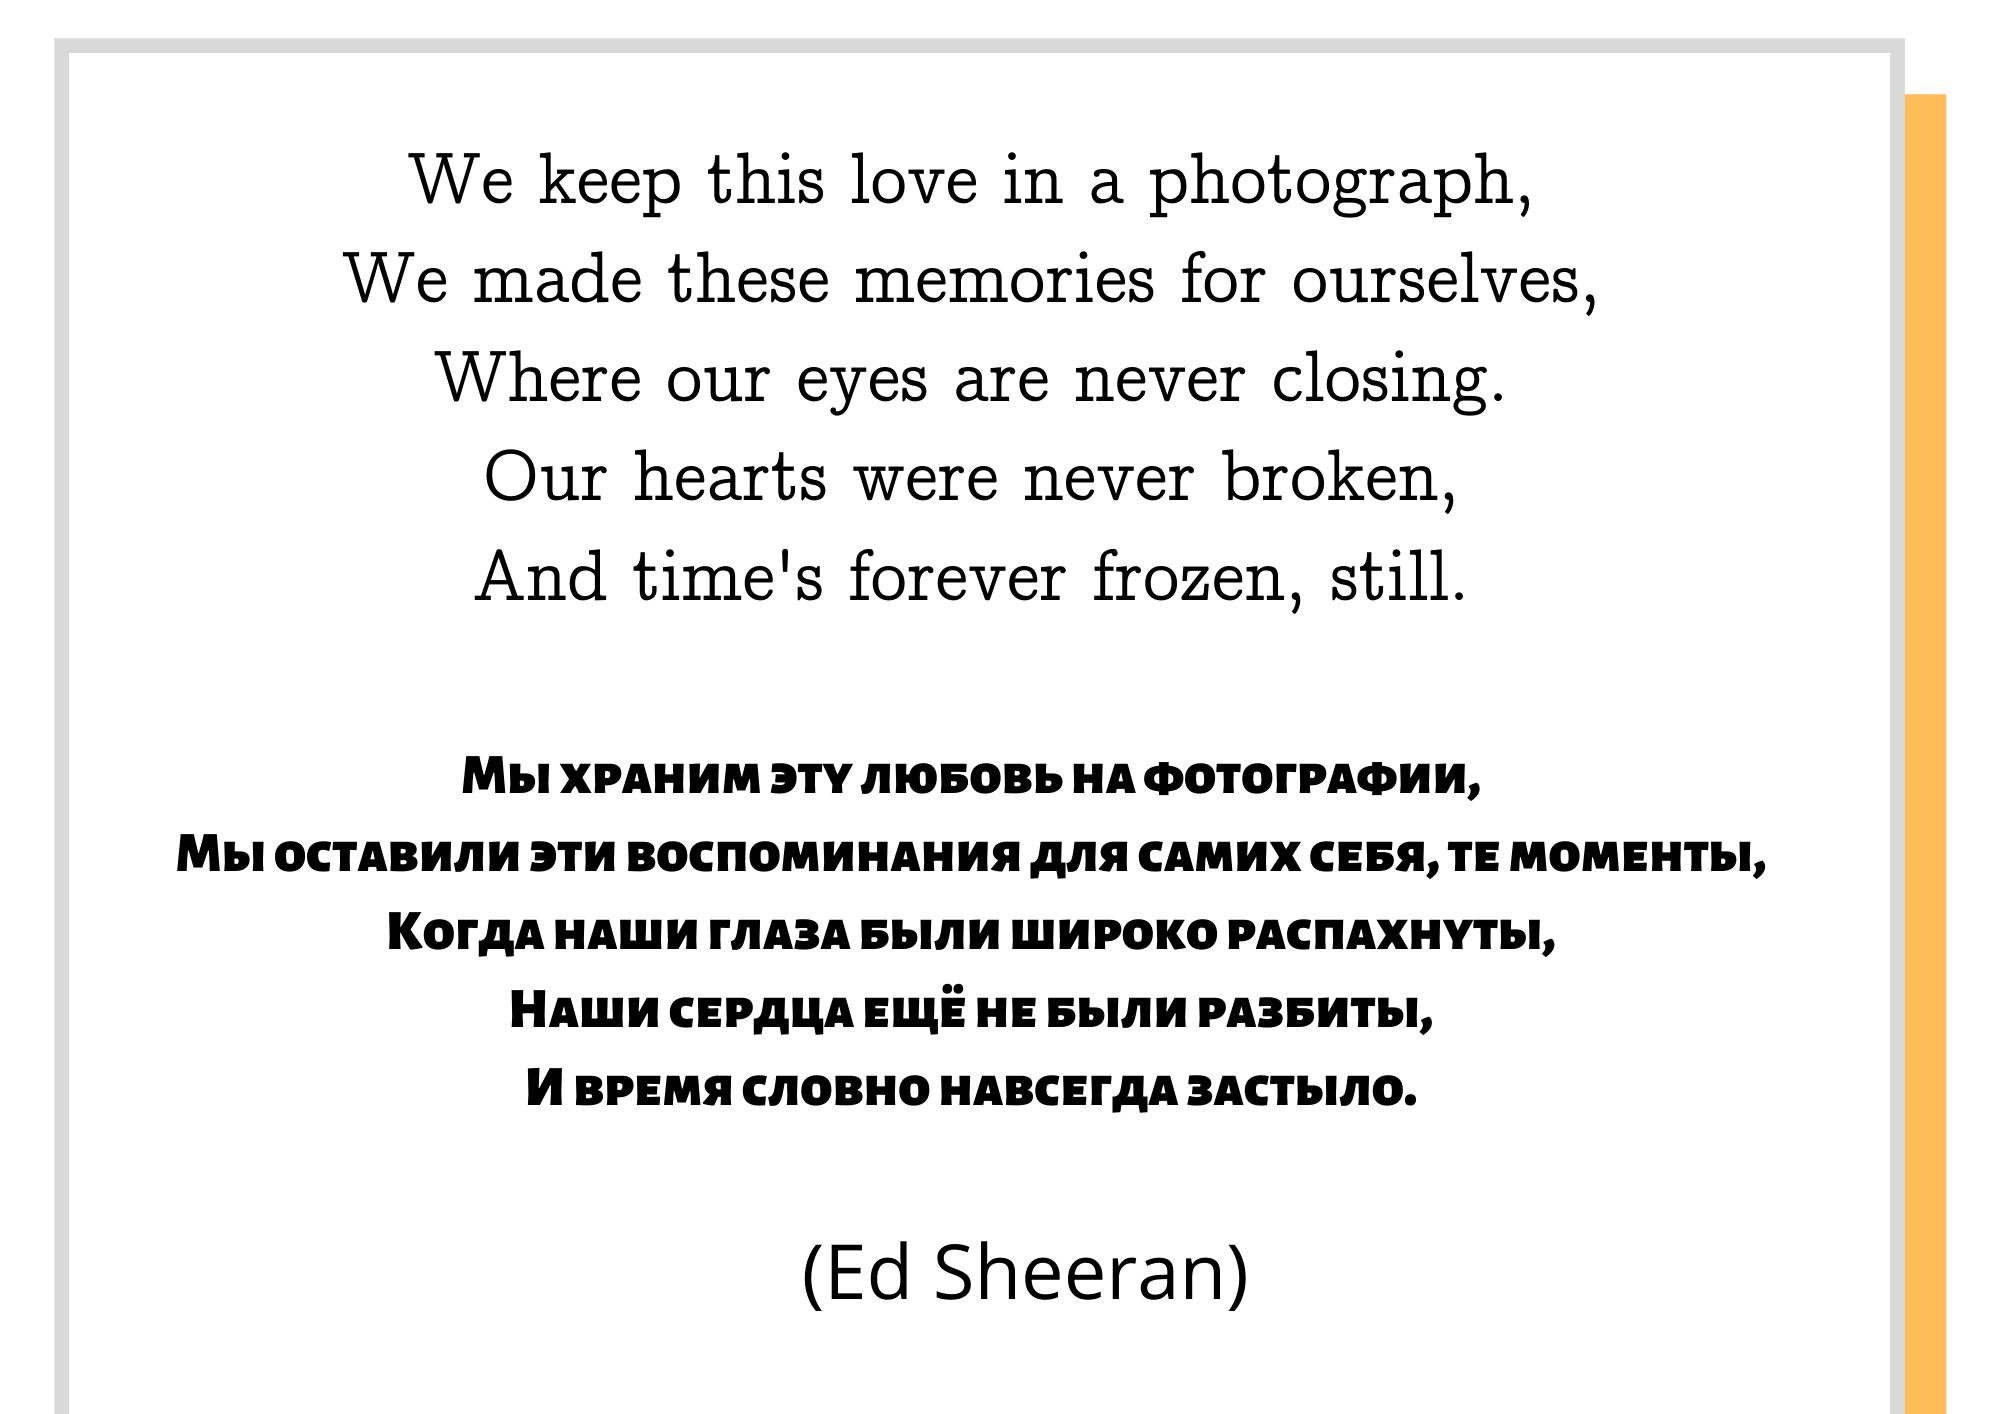 Цитаты про фотографию19